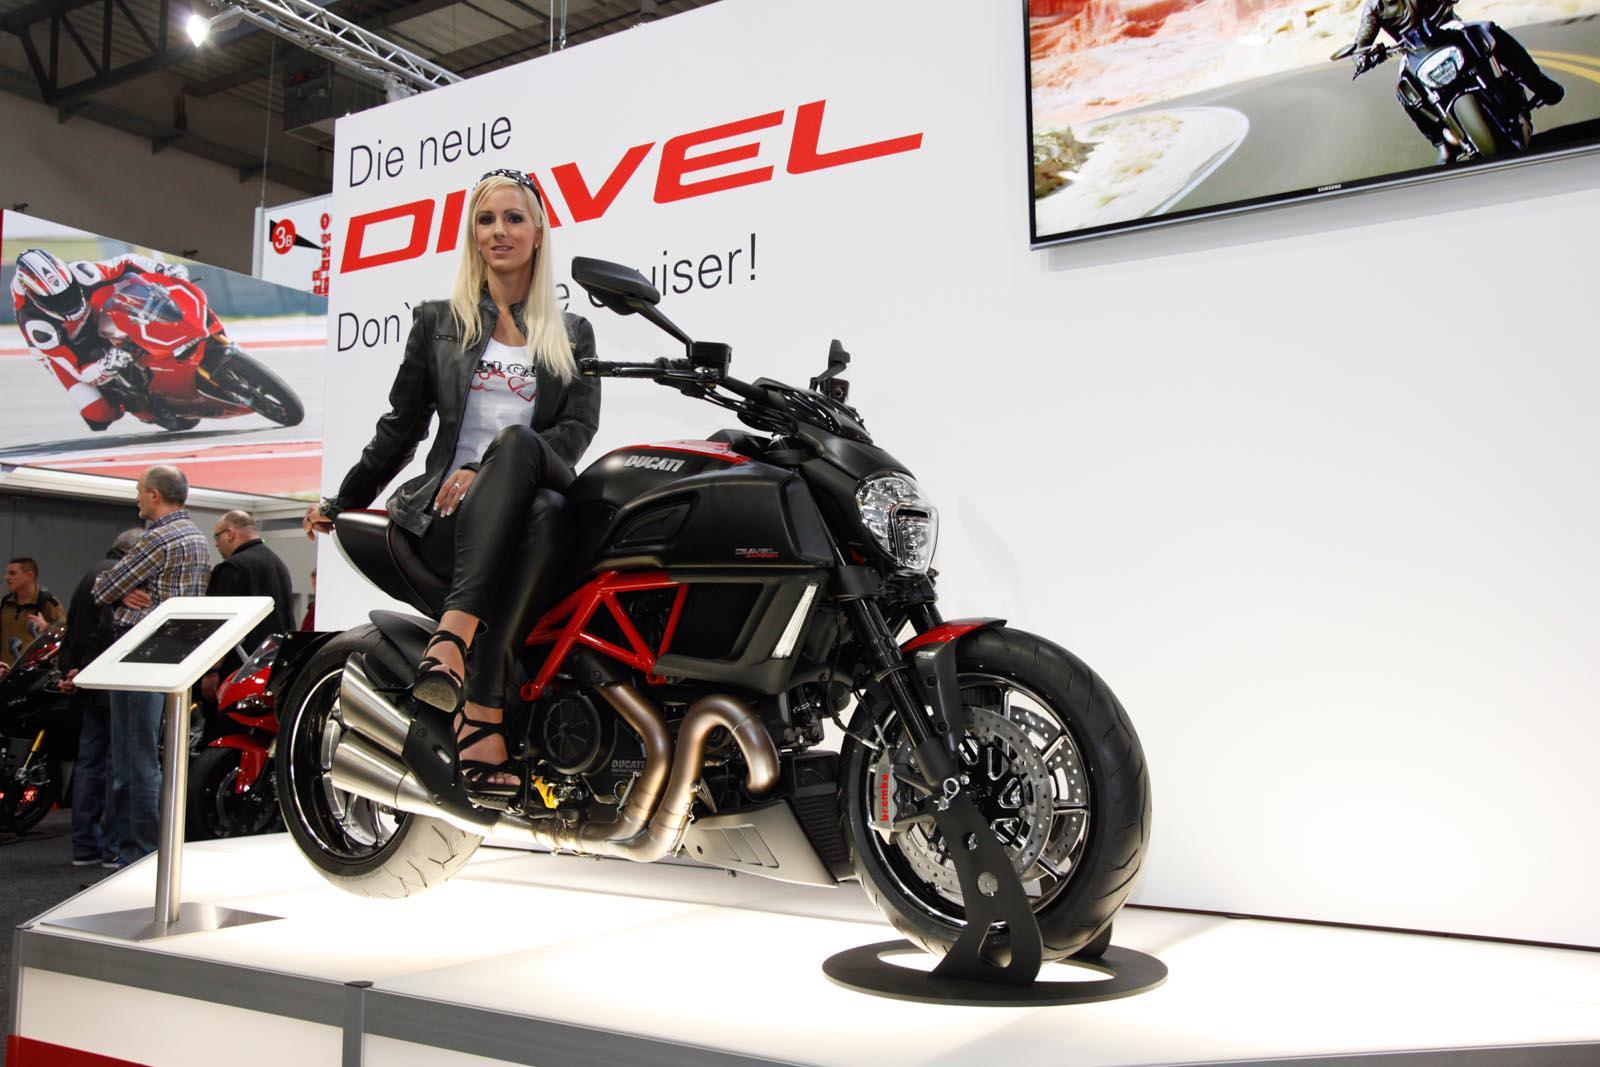 Die neu Uberarbeitete Ducati Diavel